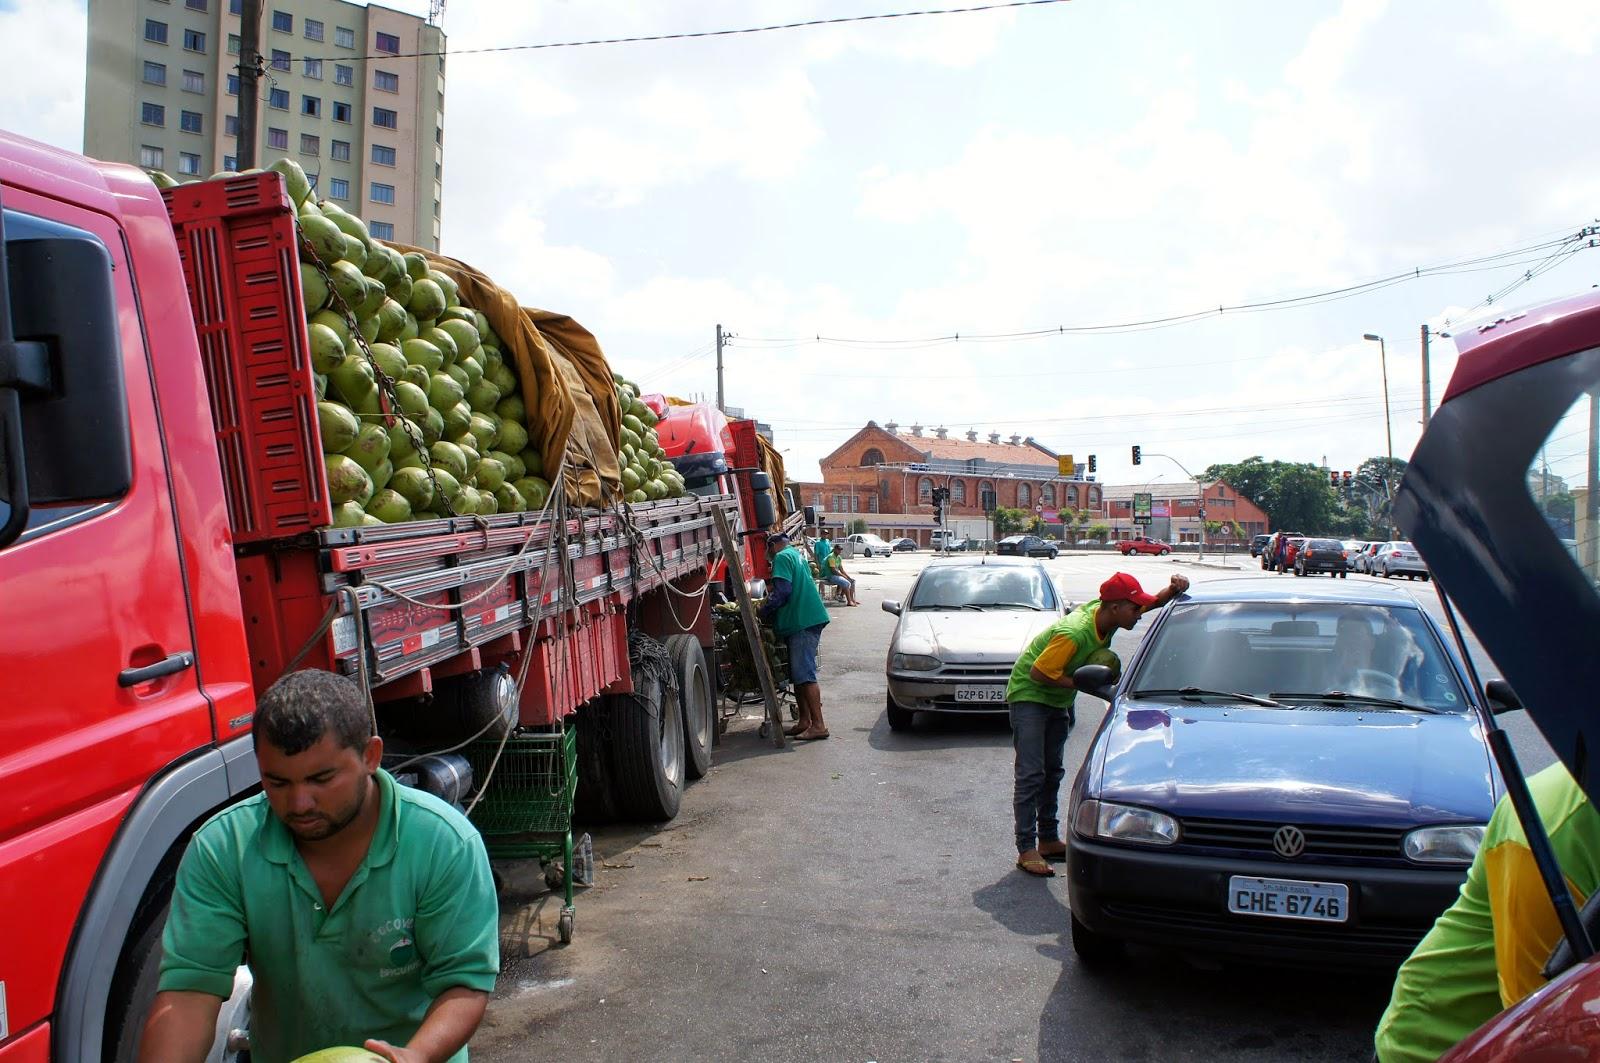 Comprar coco barato: Feira do Coco em São Paulo